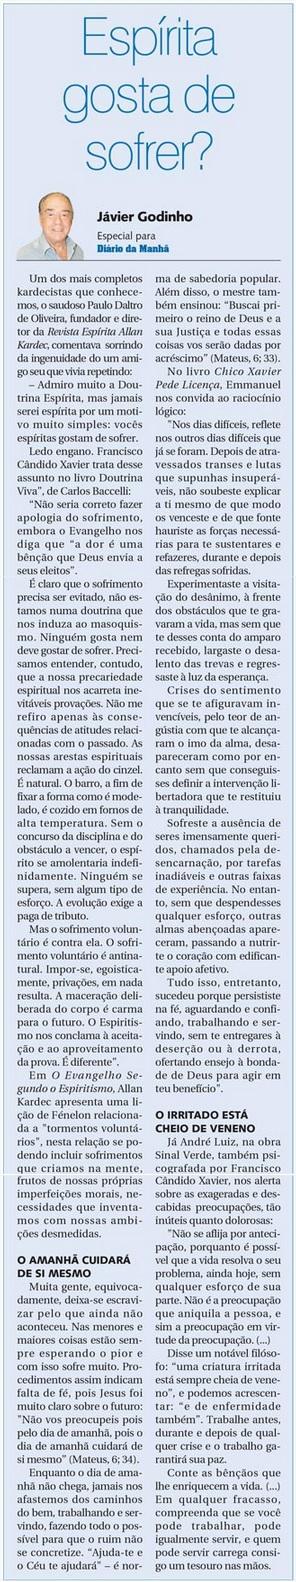 DM 22-04-2015 - Espírita gosta de sofrer - Jávier Godinho